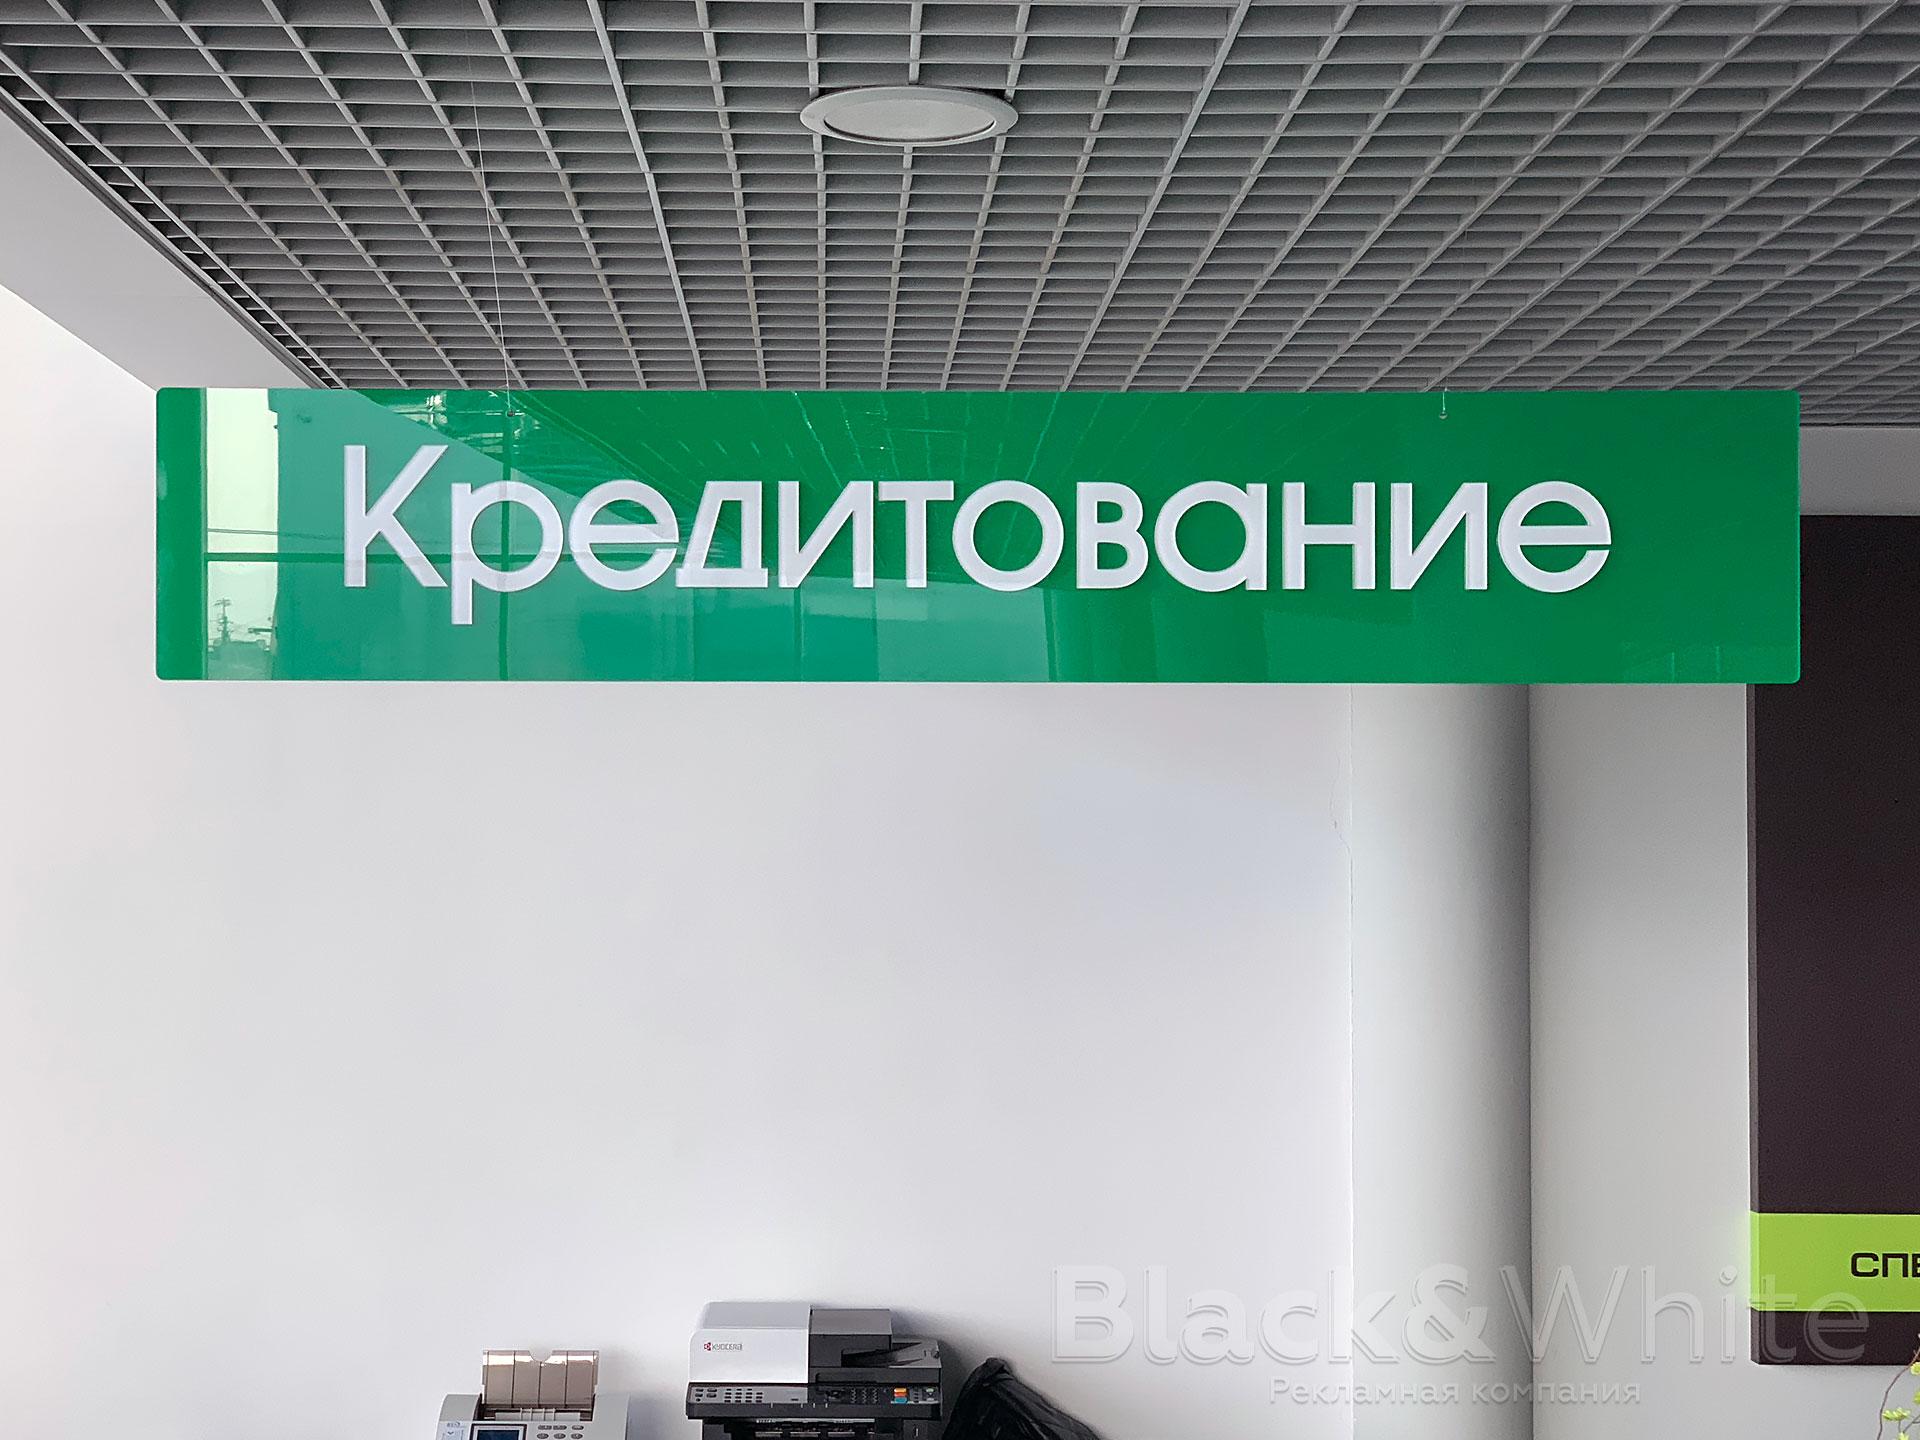 Навигационный-указатель-Black&White-из-акрила..jpg